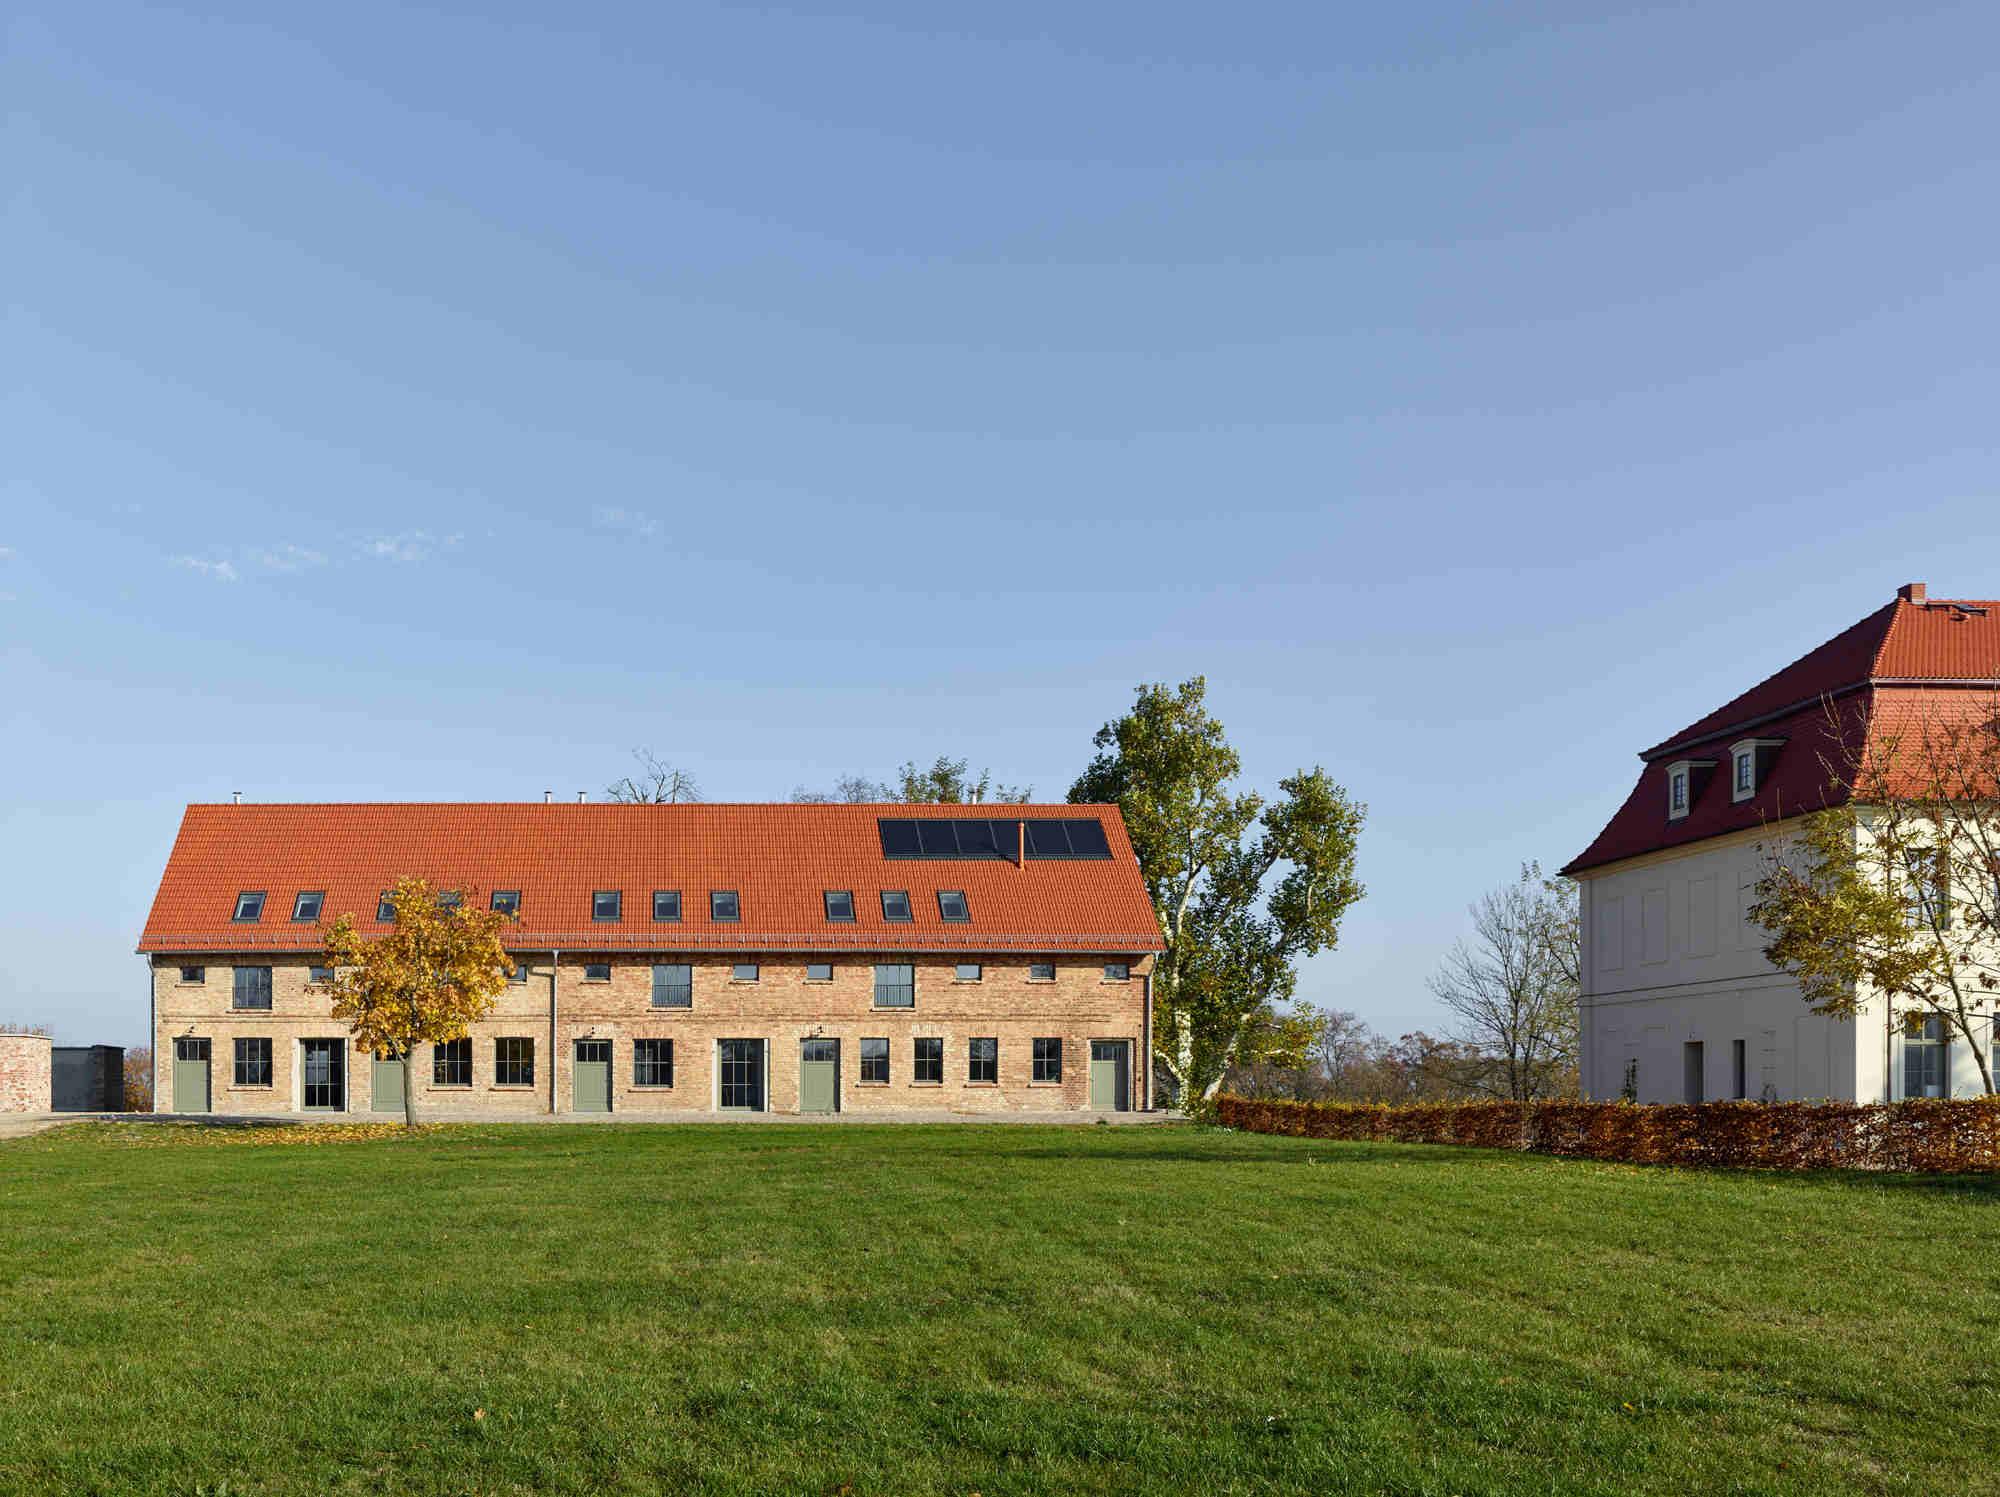 Gutshof-Fredenwalde-Kornspeicher